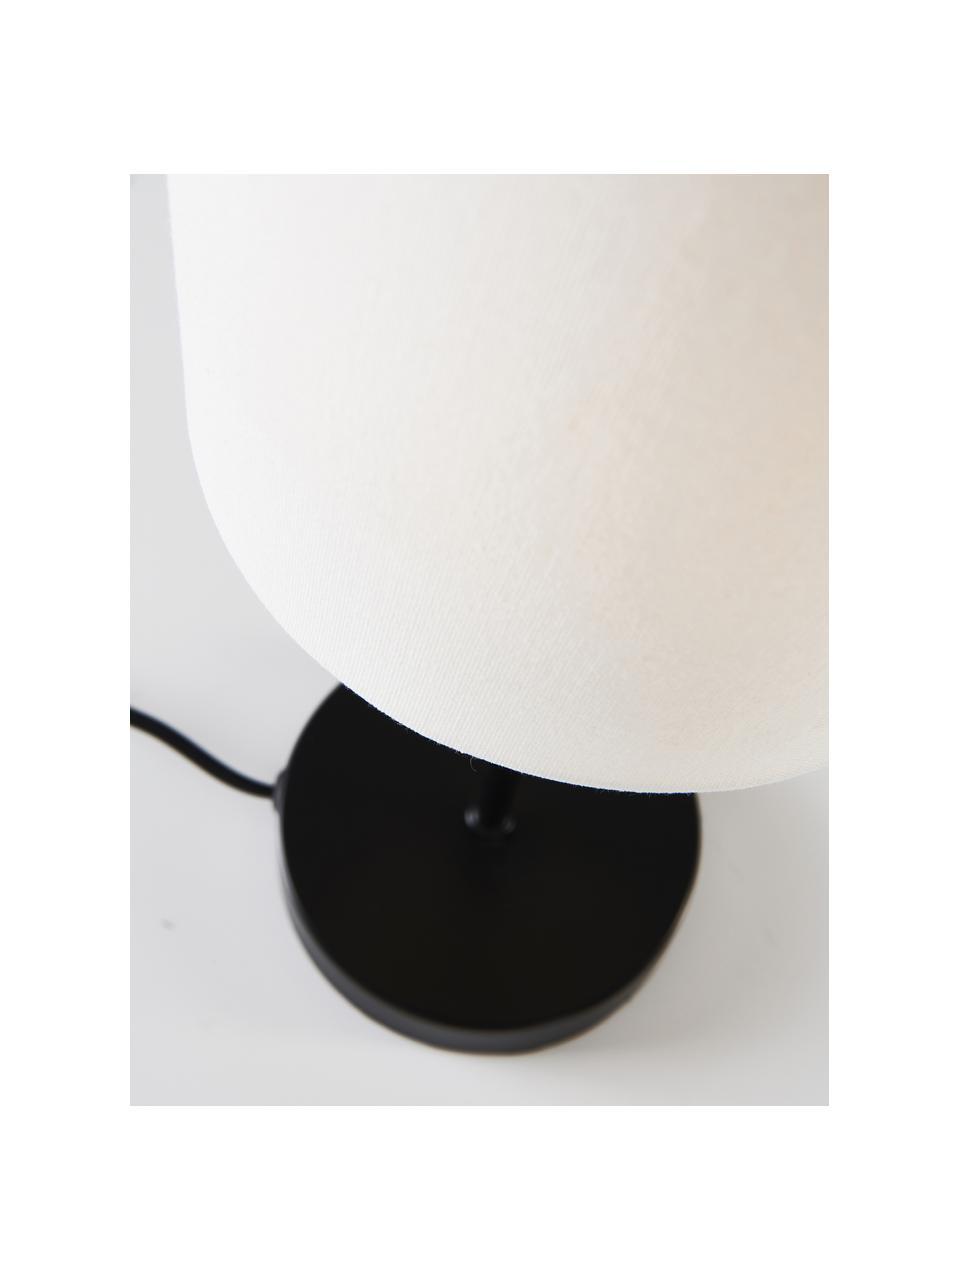 Klassische Nachttischlampen Seth, 2 Stück, Lampenschirm: Textil, Lampenfuß: Metall, lackiert, Schwarz, Weiß, Ø 15 x H 45 cm